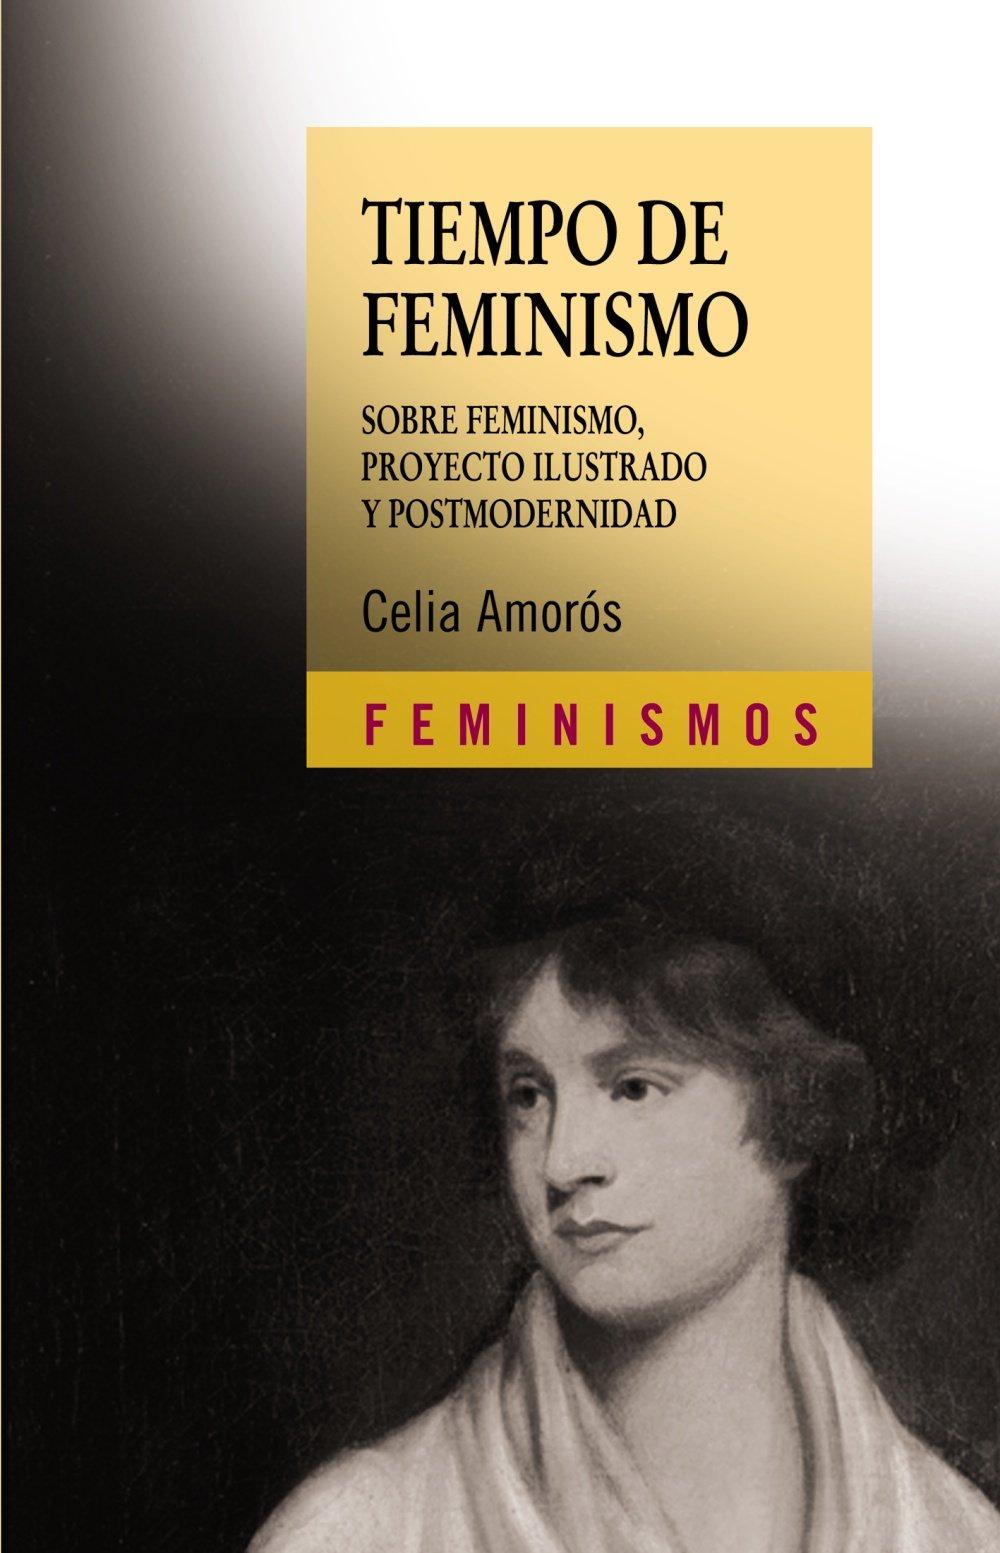 Tiempo de feminismo: Sobre feminismo, proyecto ilustrado y postmodernidad: Amazon.es: Celia Amorós: Libros